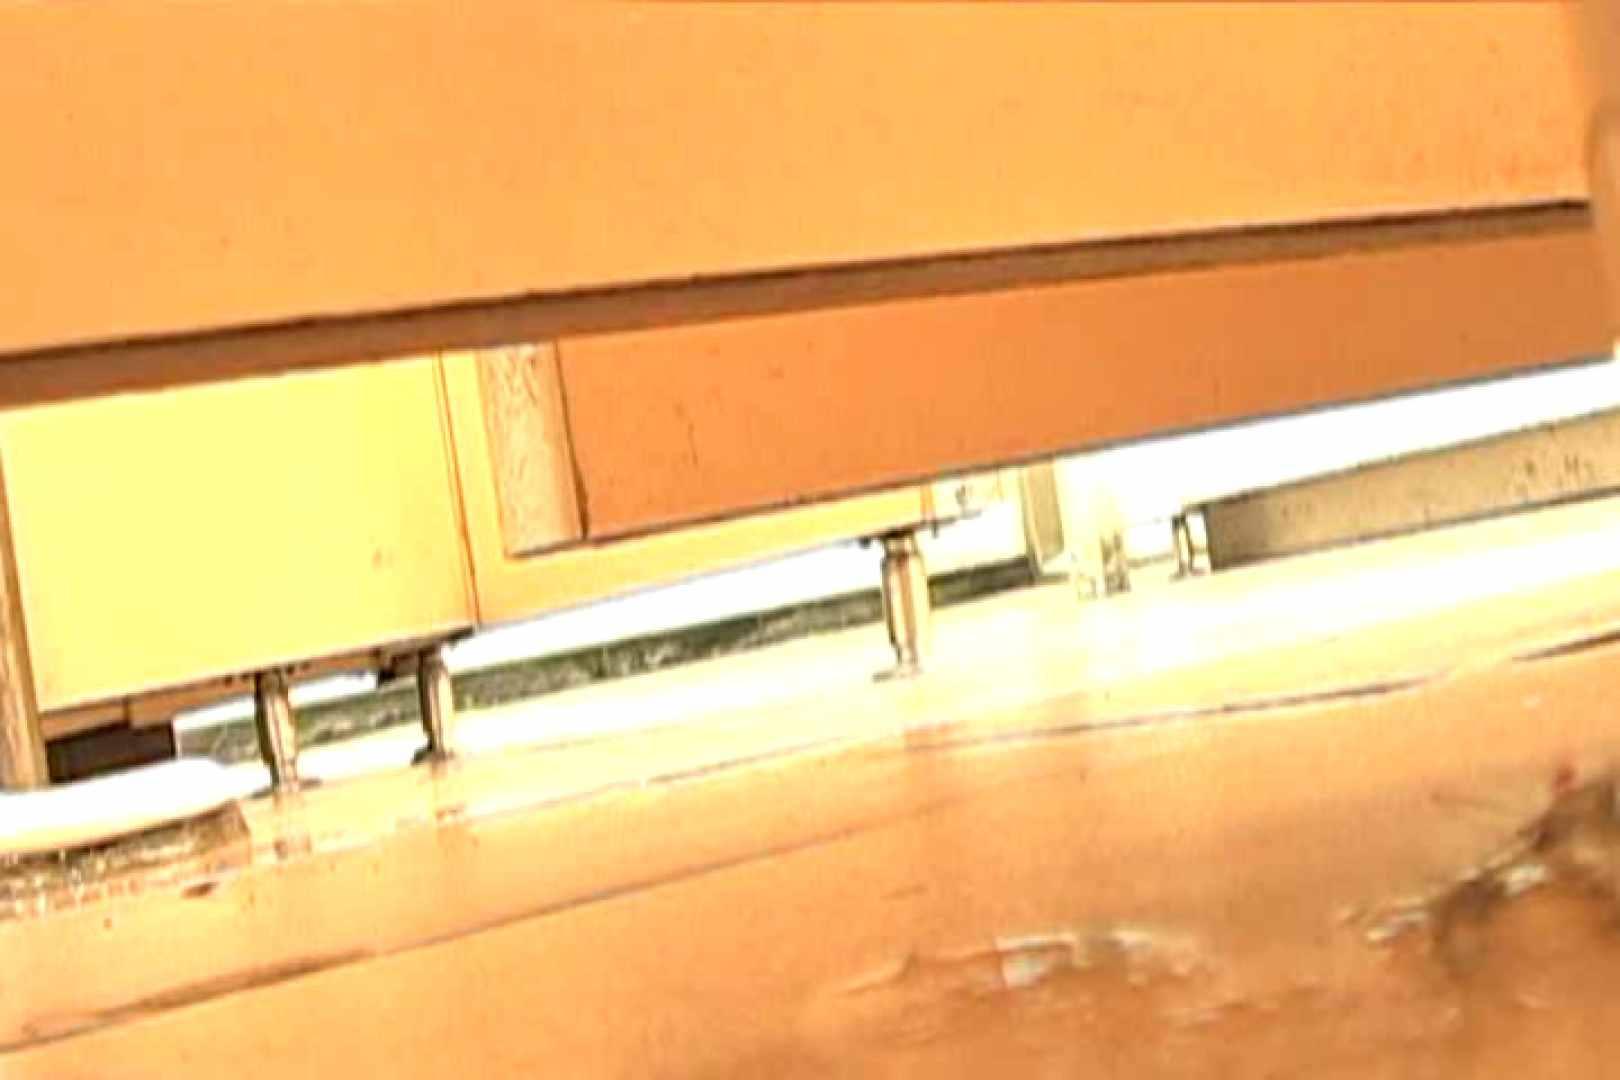 マンコ丸見え女子洗面所Vol.37 マンコ・ムレムレ 盗み撮り動画キャプチャ 87pic 86